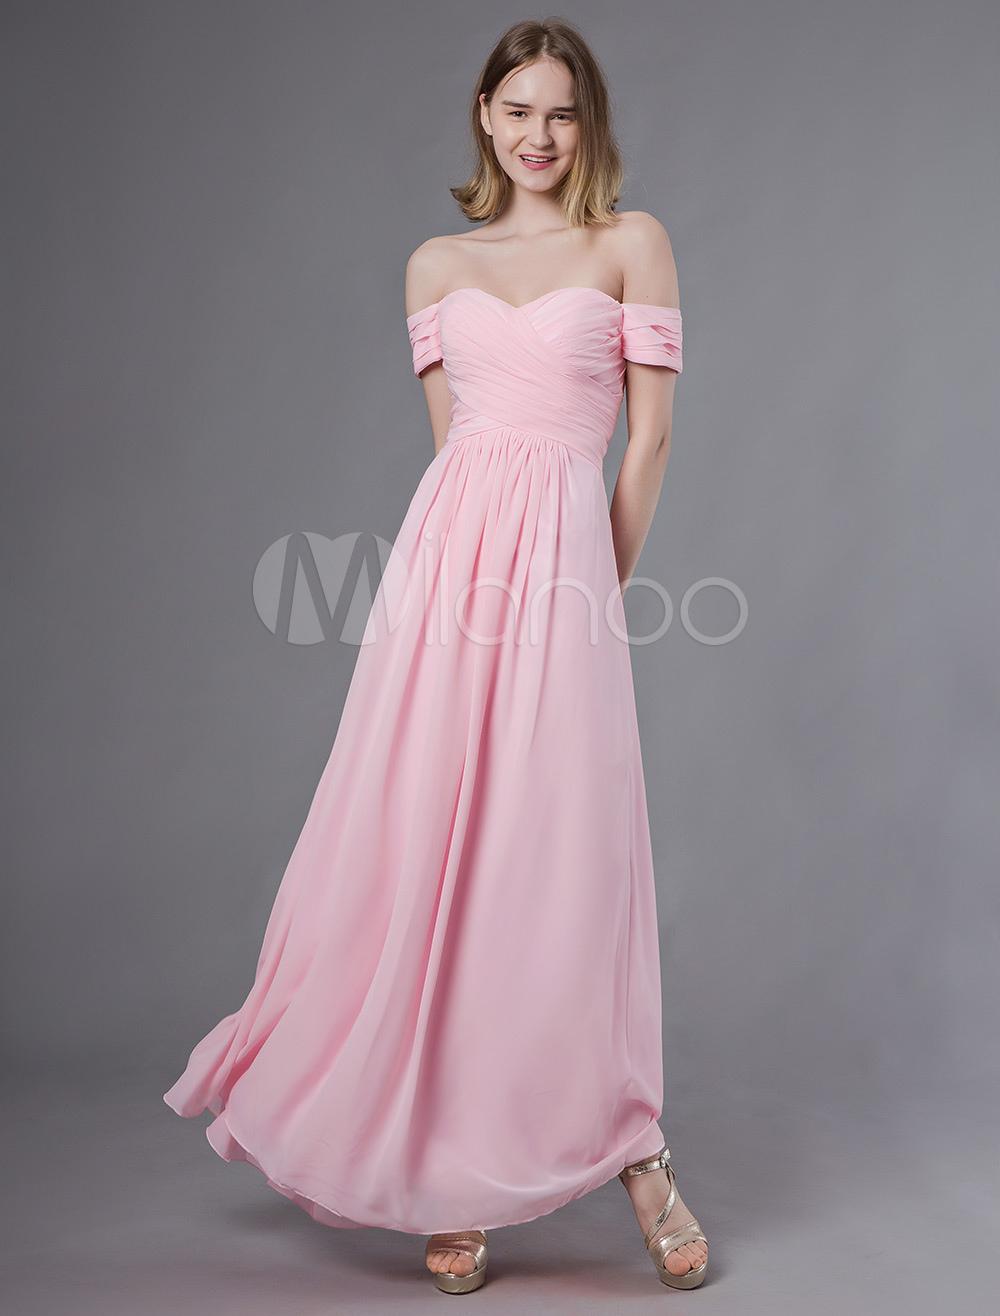 f97e4c3f2 ... Vestidos de dama de honra longo fora do ombro Soft PinkChiffon Maxi  Wedding Party Dress- ...